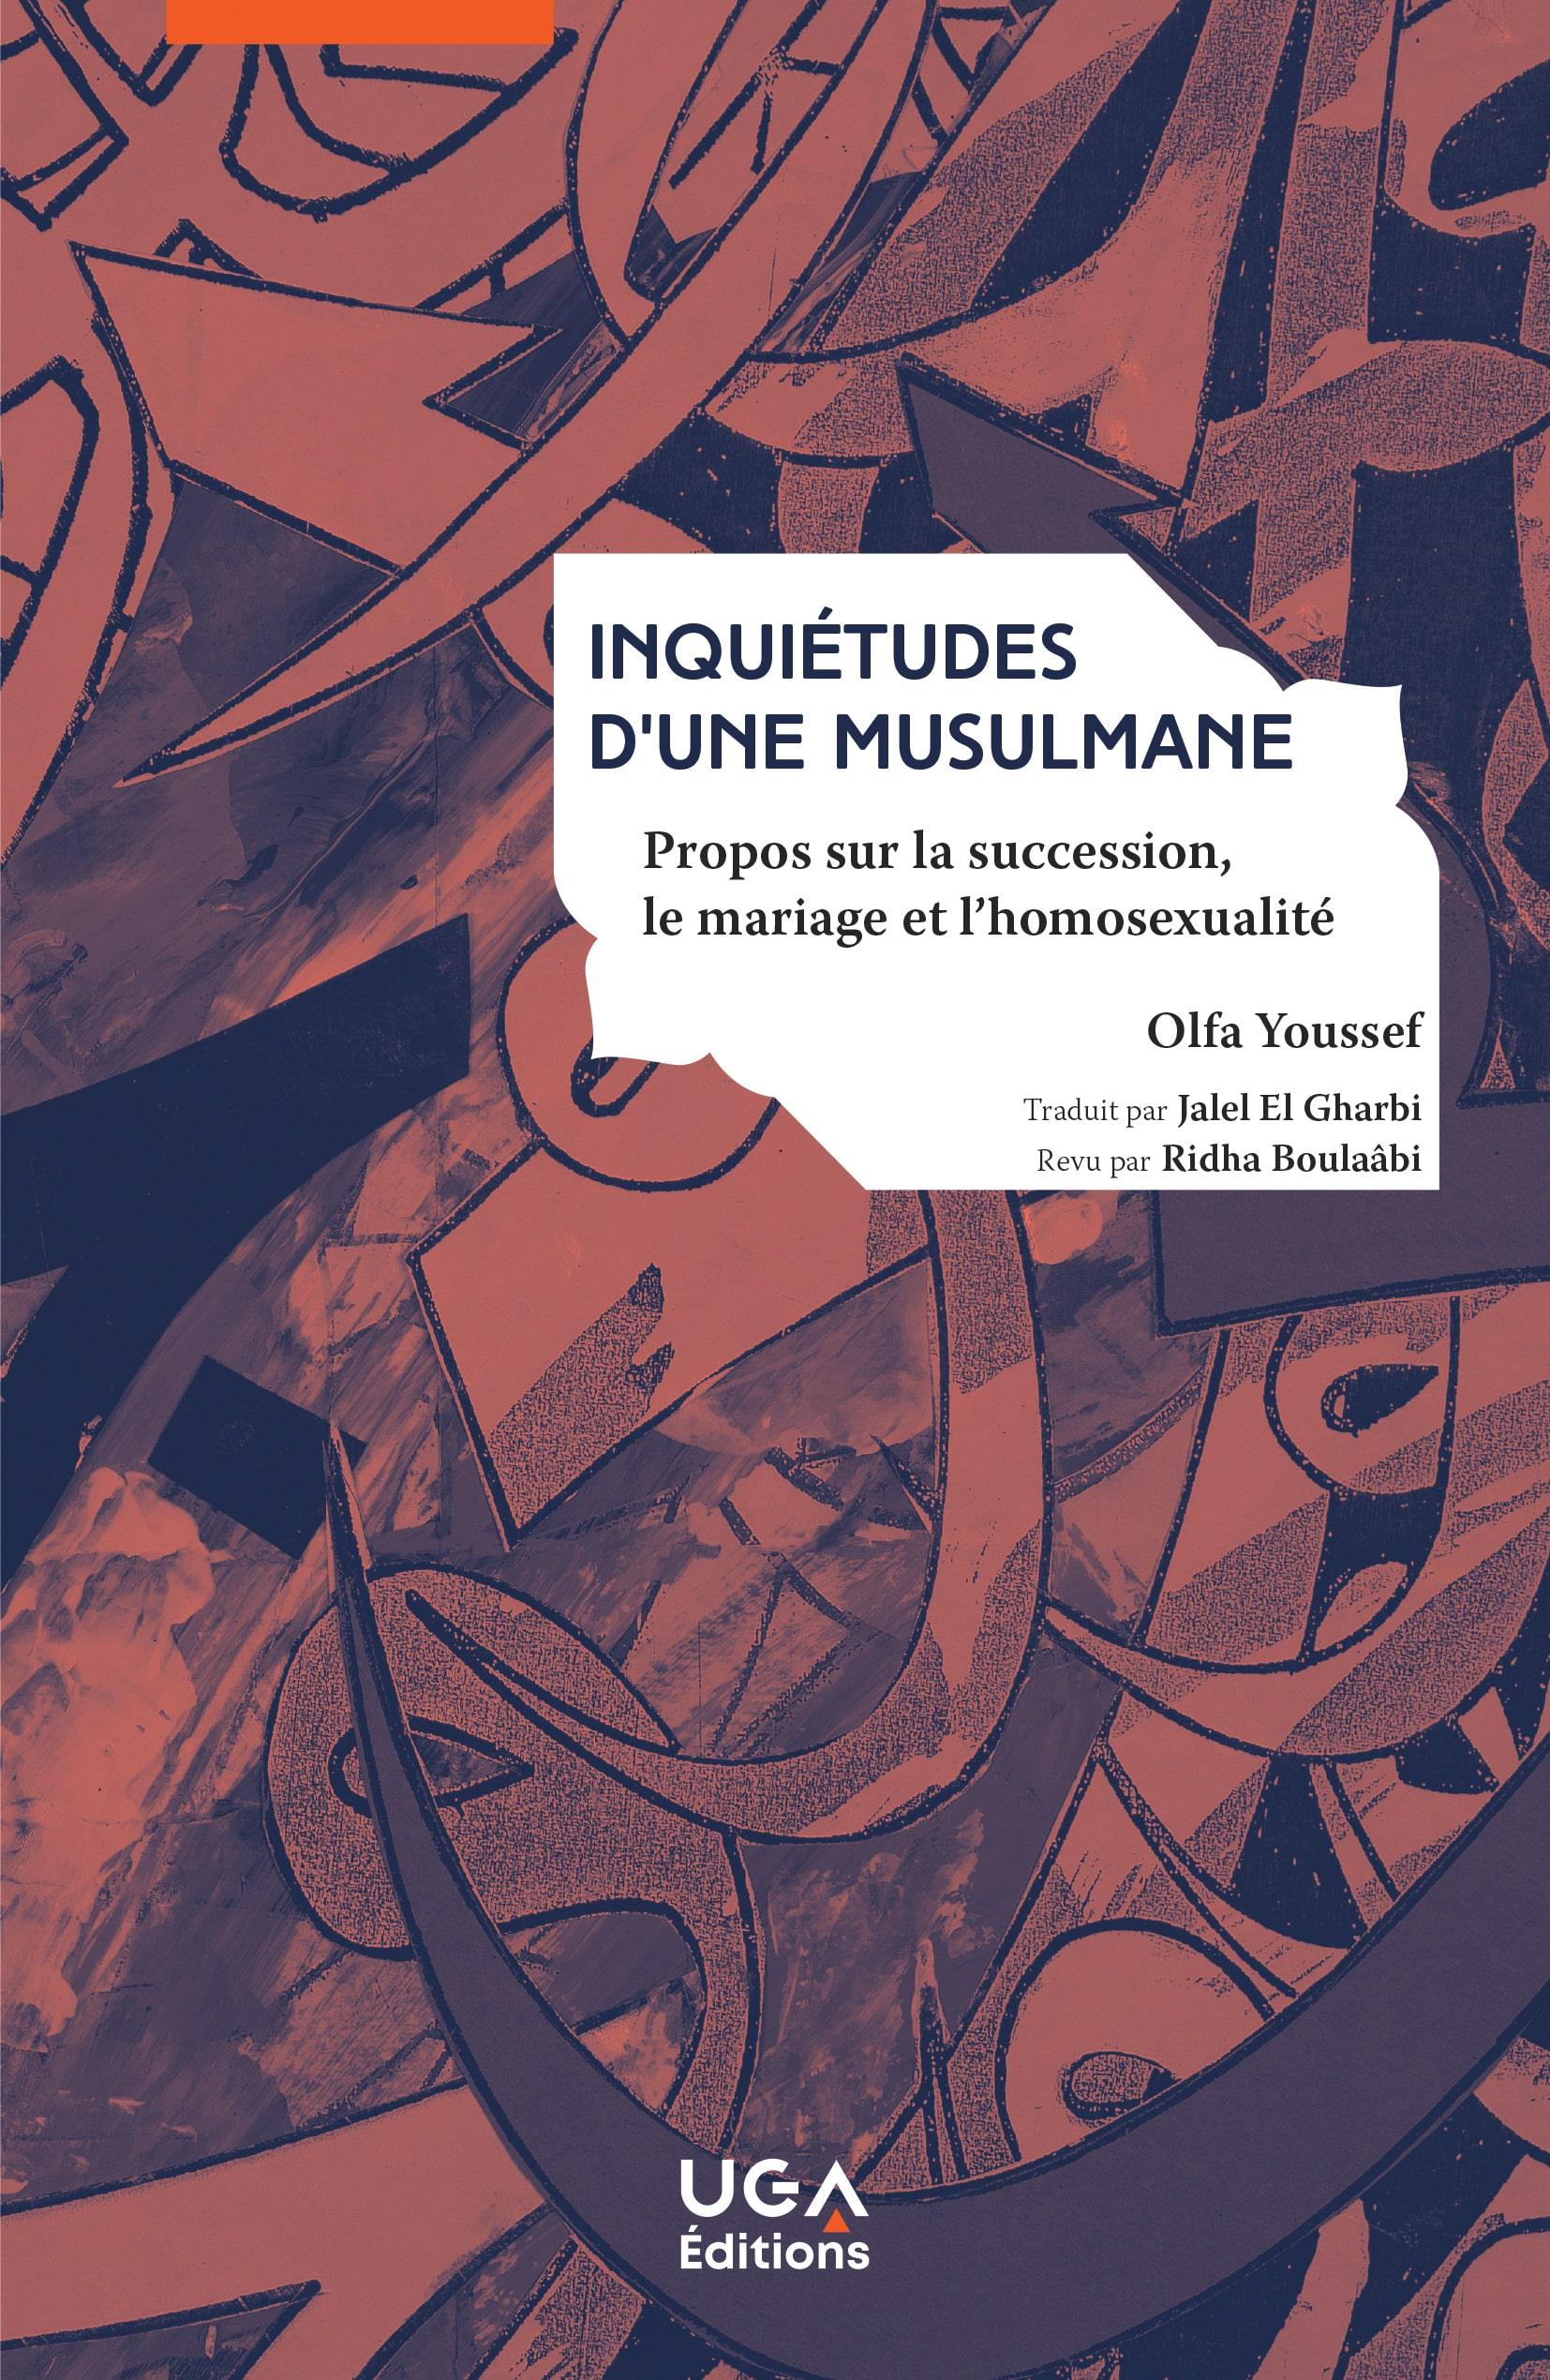 Olfa Youssef, <em>Inquiétudes d'une musulmane. Propos sur la succession, le mariageet l'homosexualité</em>